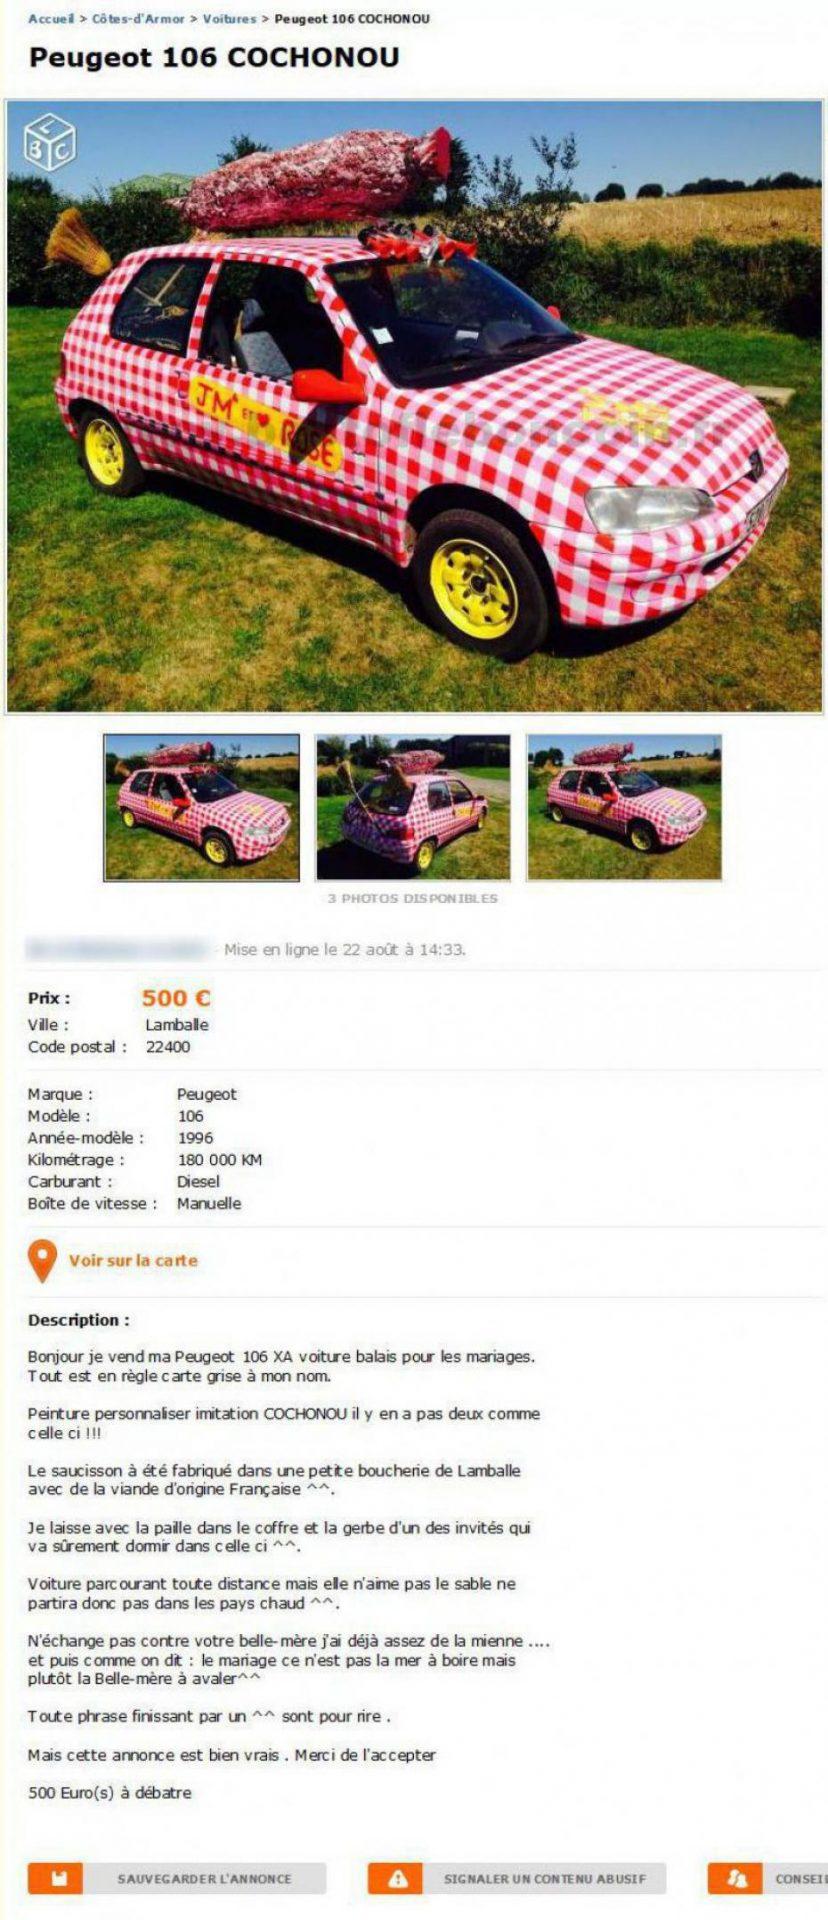 Pour 500€, offrez vous une Peugeot 106 Cochonou